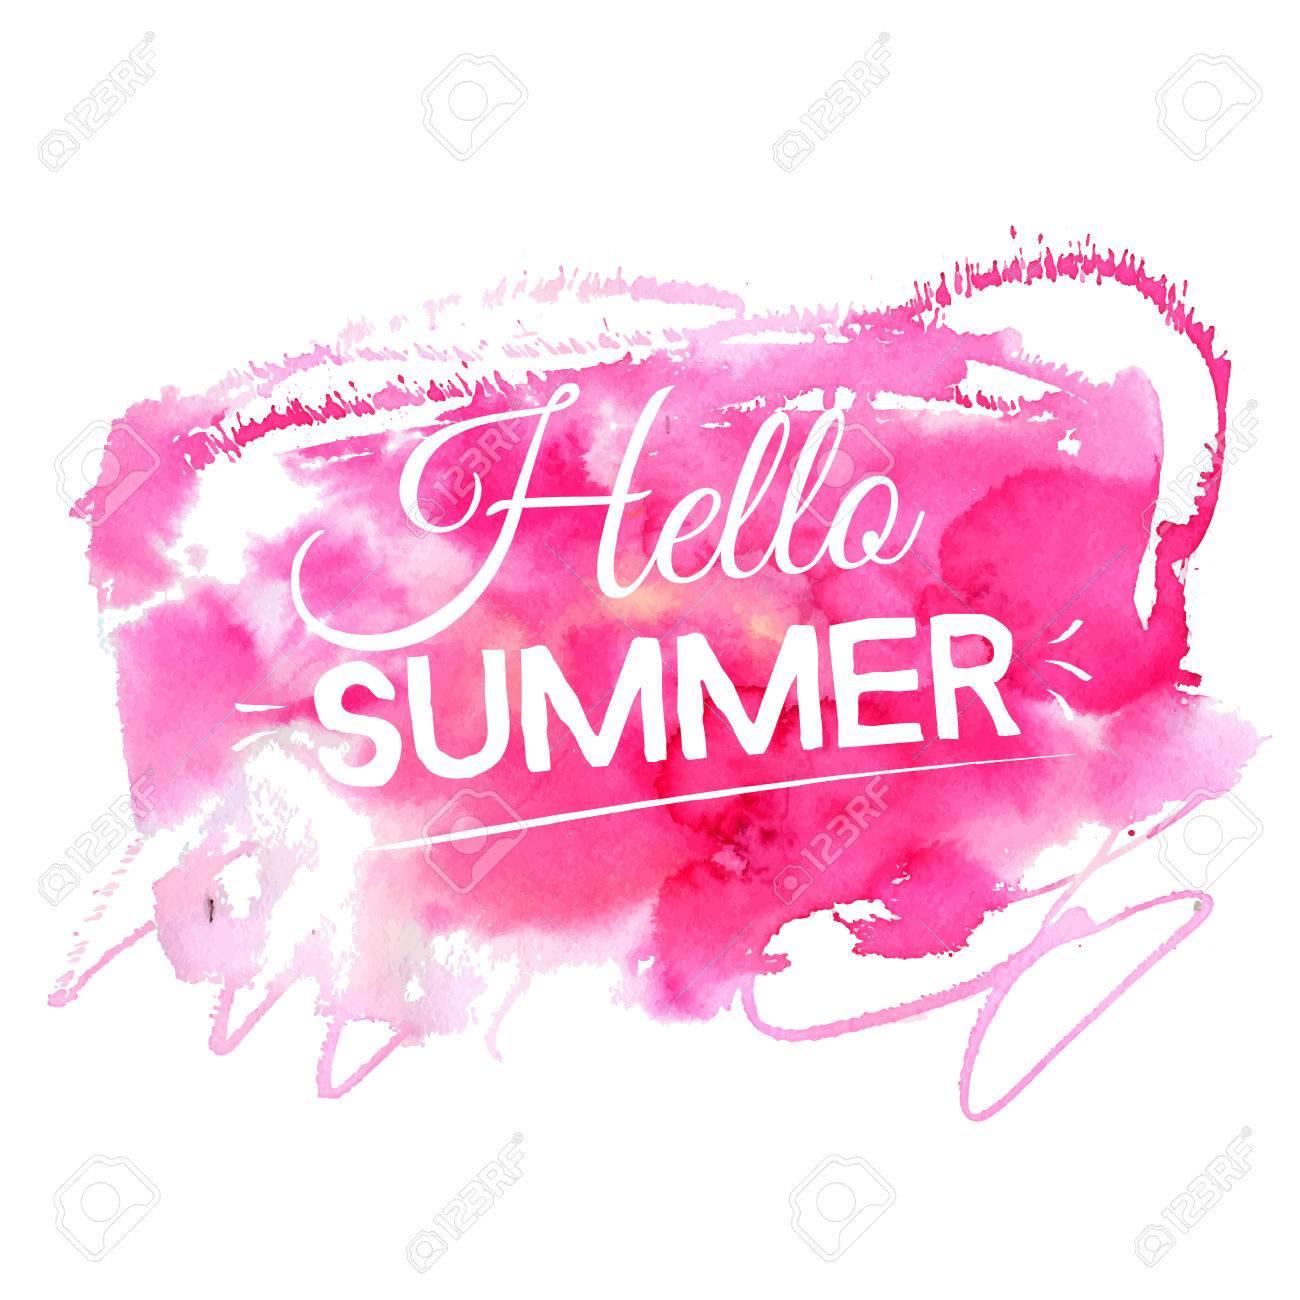 こんにちは明るい夏のイラスト芸術的なピンク水彩画スプラッシュの